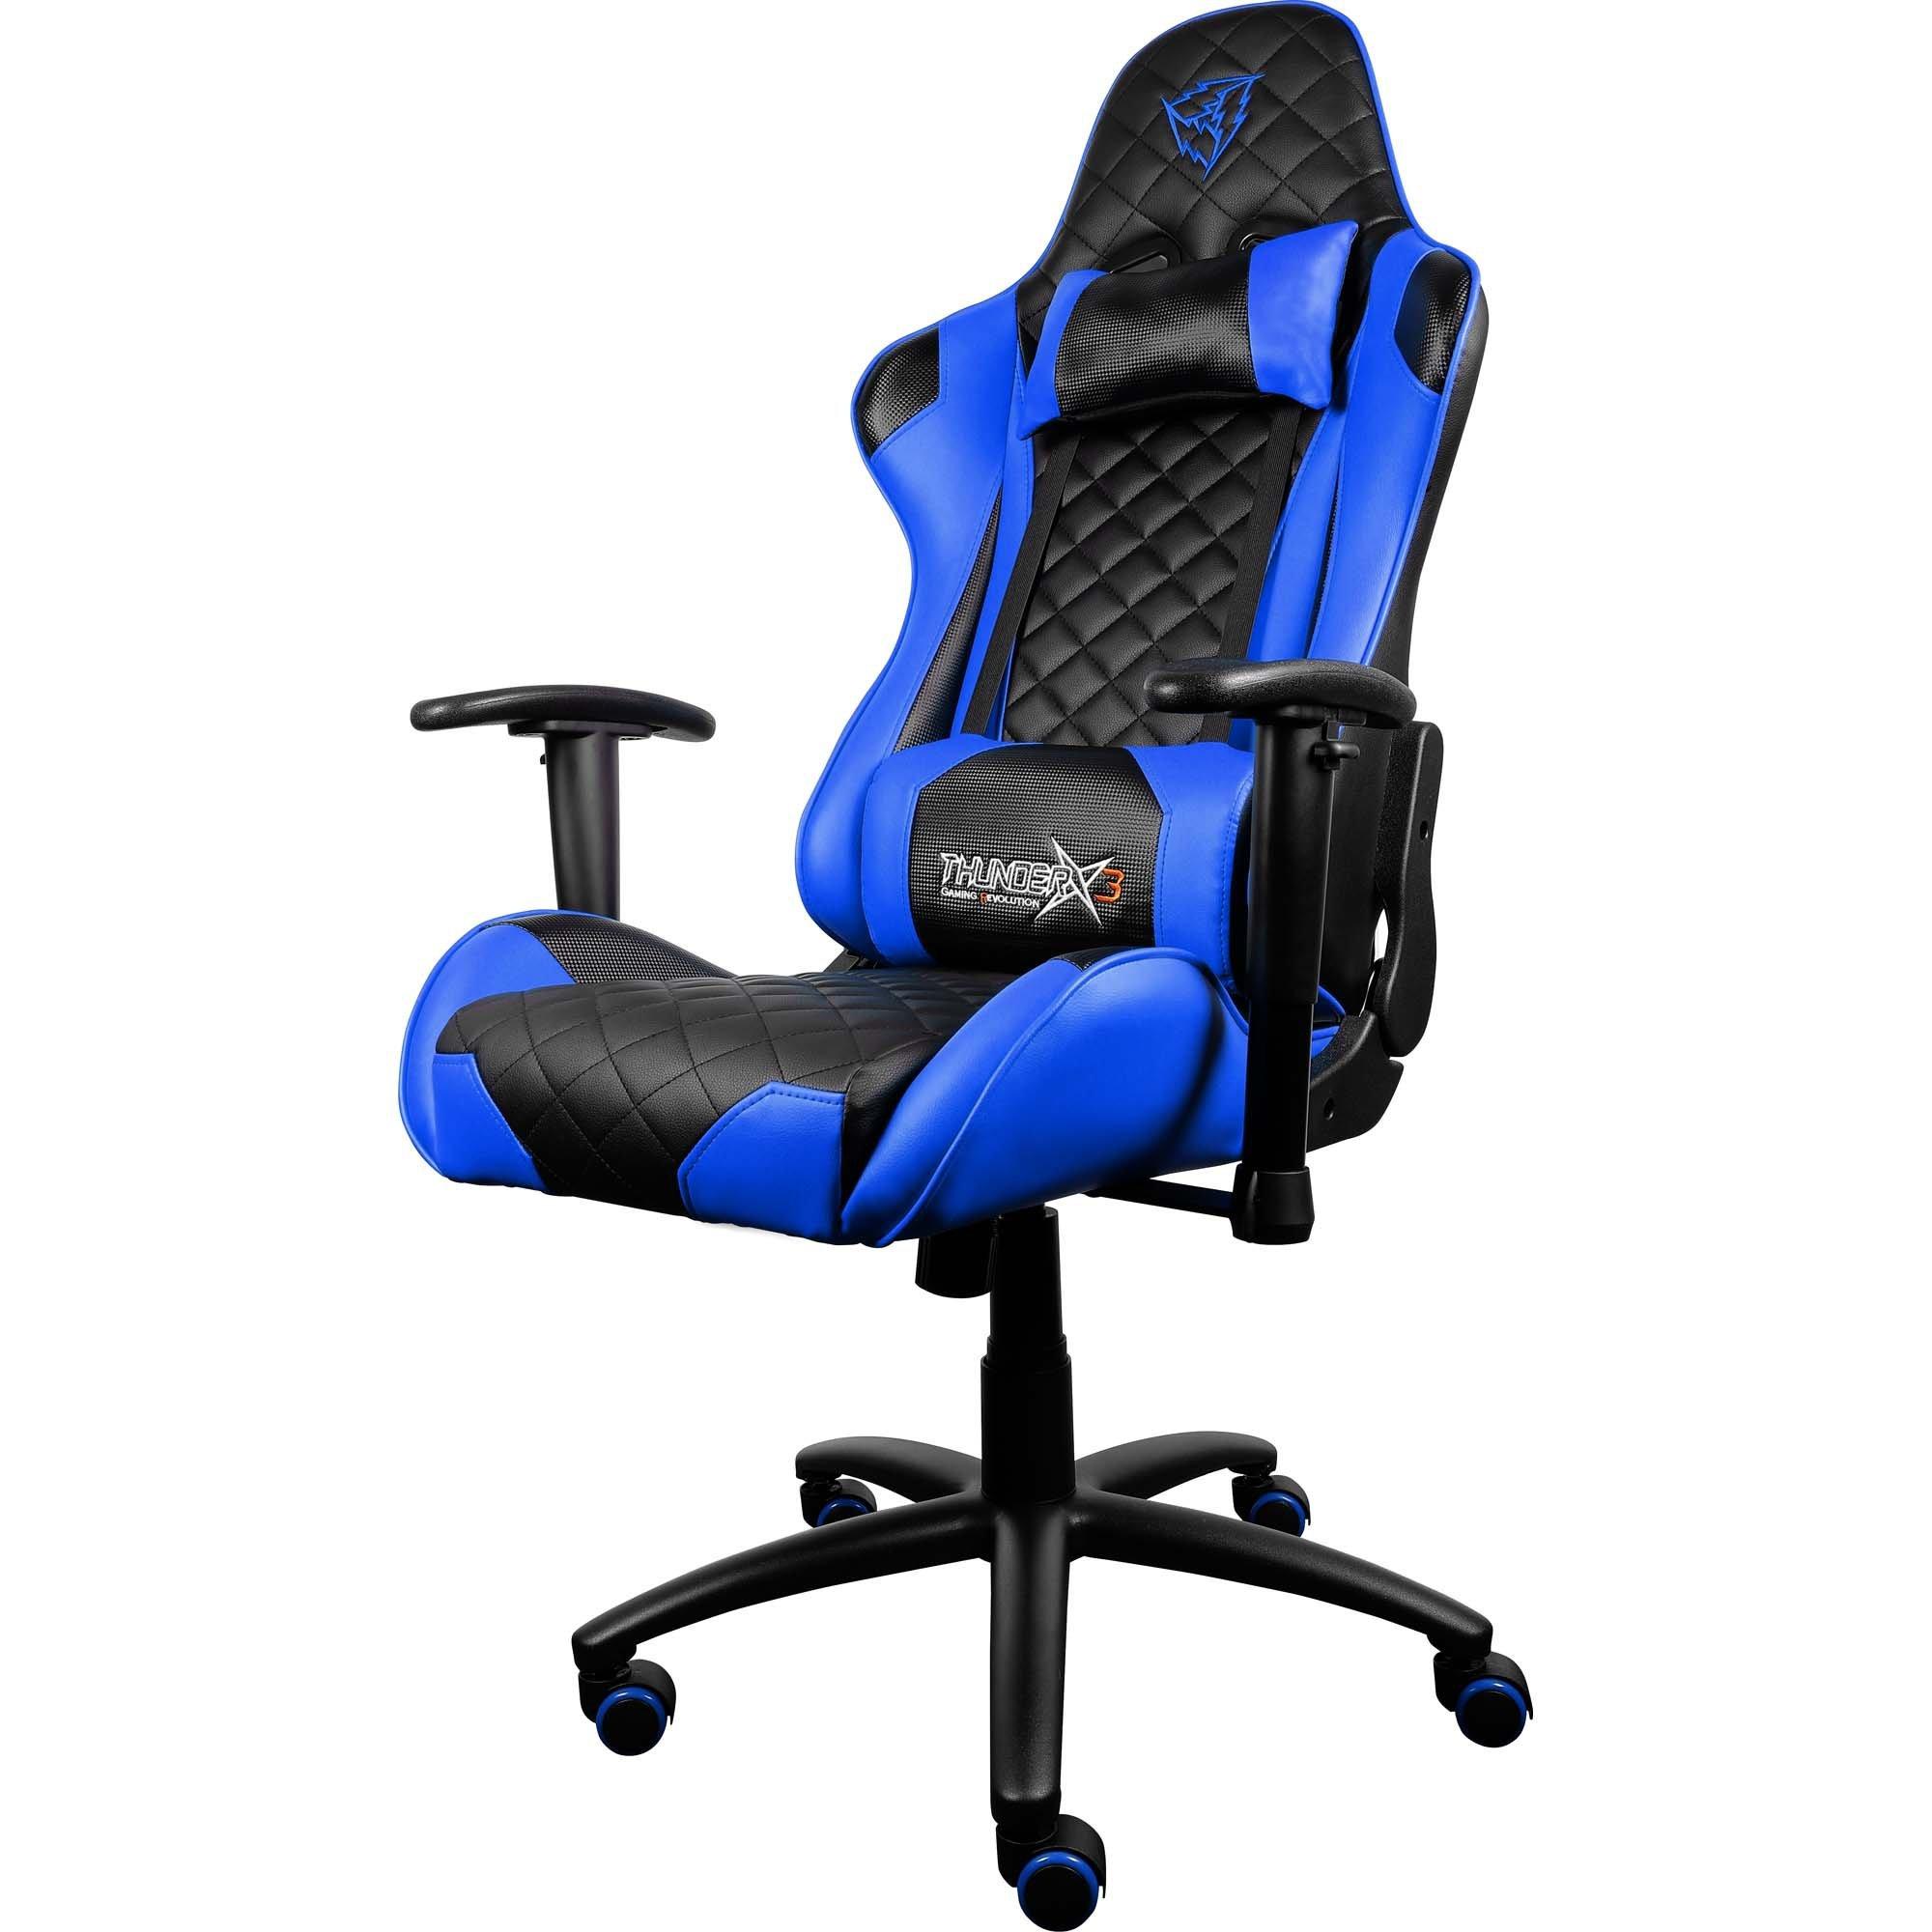 cadeira gamer aproveite enquanto durar o estoque preta azul thunderx3 profissional tgc12 43831 2000 191593 1